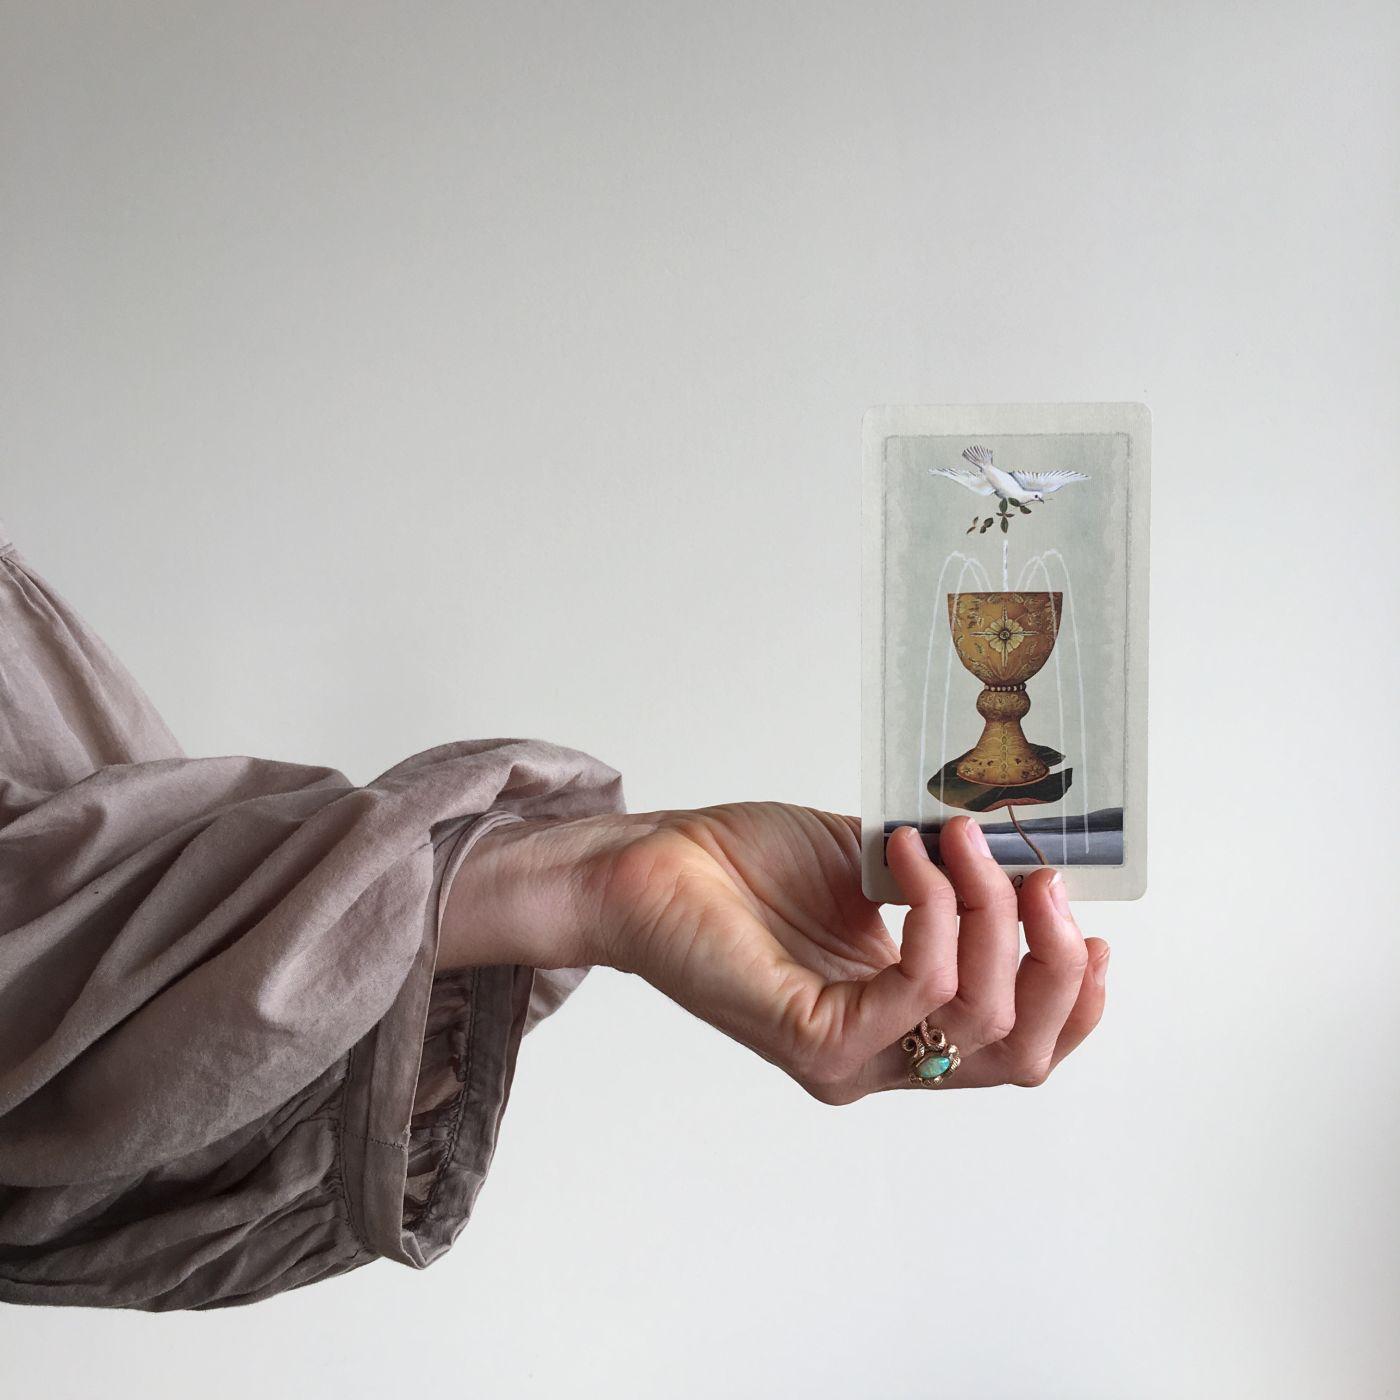 A hand holding a tarot card